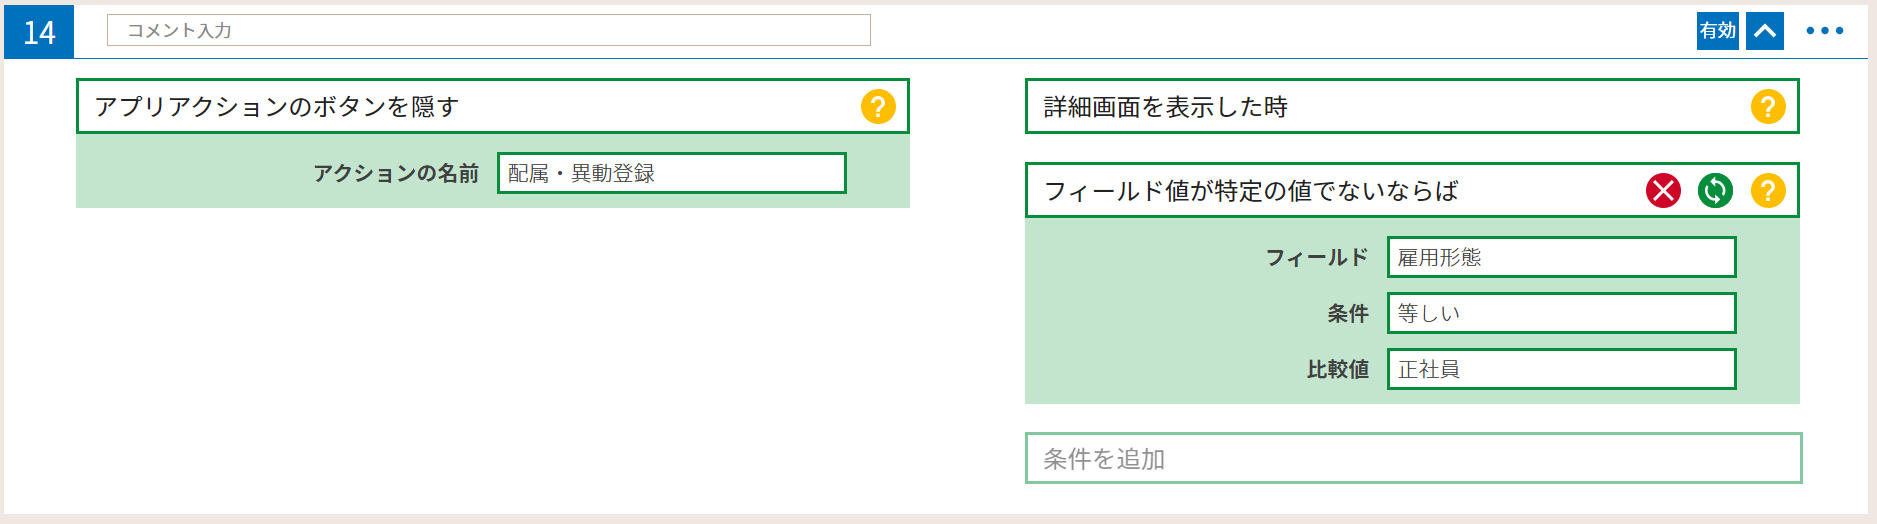 2l10_c.png